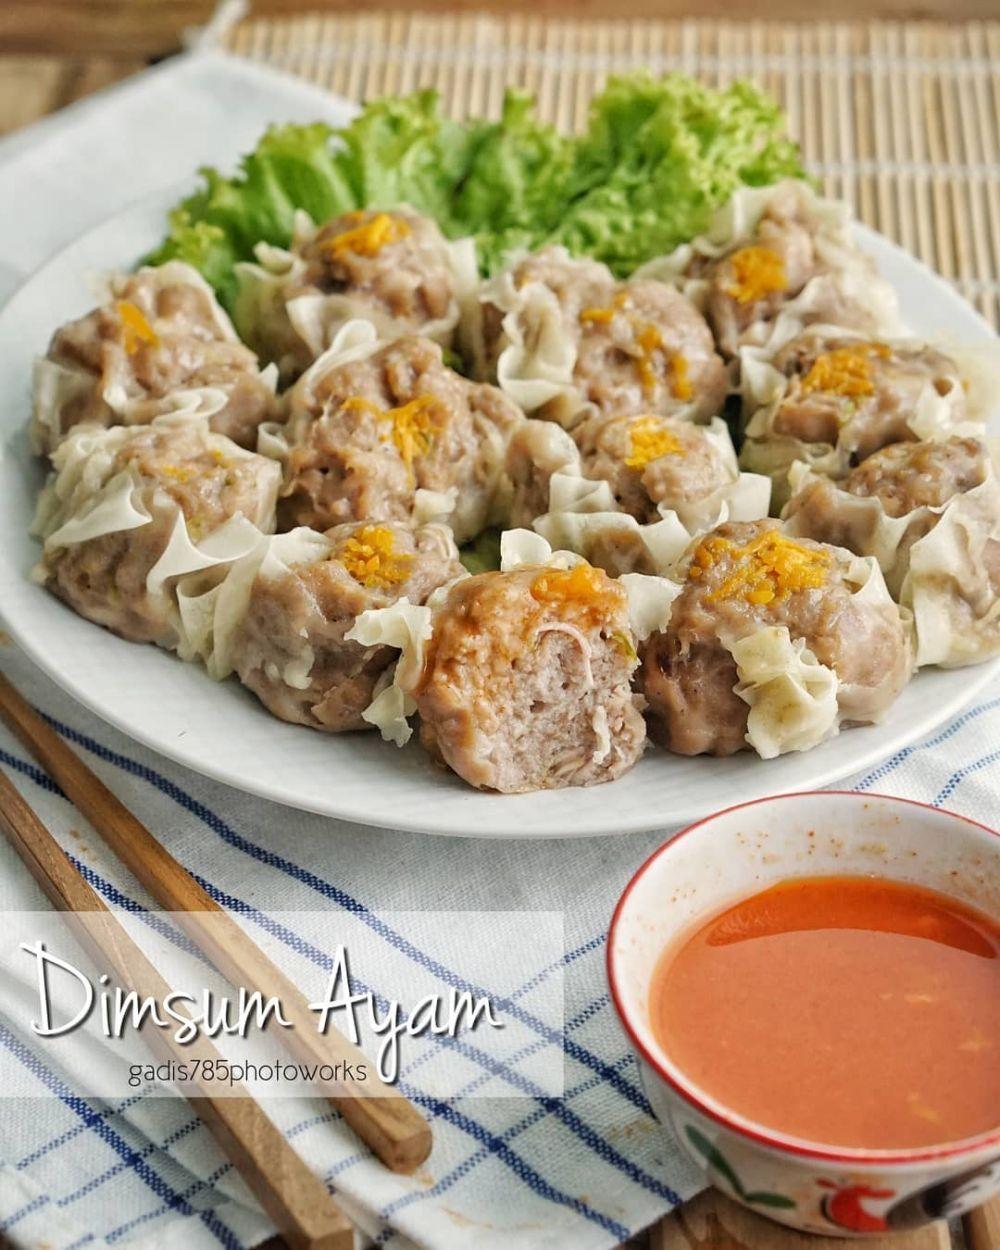 Resep Dimsum C 2020 Brilio Net Di 2020 Resep Resep Masakan Cina Resep Makanan Cina